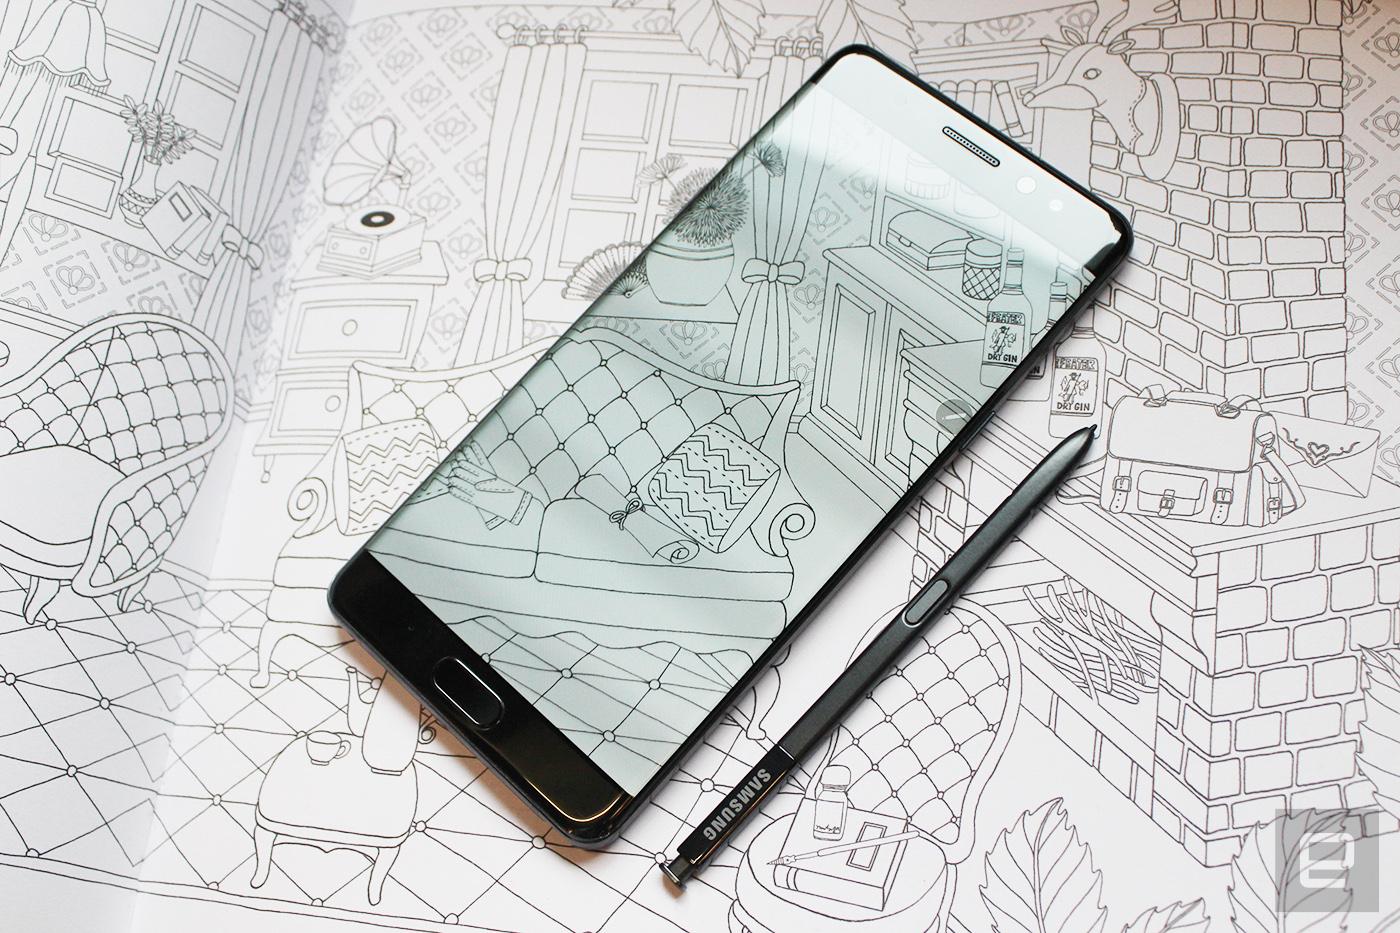 小编以上说的新功能、界面改变什么的,都是有可能随软件更新而加入到其他 Galaxy 手机。不过这段要说的,就是只有配合 Note 系列独有的 S-Pen 才能用的功能了。先从硬件说吧,用于 Note 7 的 S-Pen 是重新设计过的,因为它需要配合手机而同样有着 IP68 的抗水防尘设计,理论上是能在水里使用,只是有谁会这样用呢?或许是雨中写字吧。有关 S-Pen 设计中,最重要的当然是保留了那治愈人心的机械式笔顶按键(咔咔咔咔咔咔咔咔咔咔)。另外,笔身上的按键也上移至较接近中央的位置,更方便于使用者